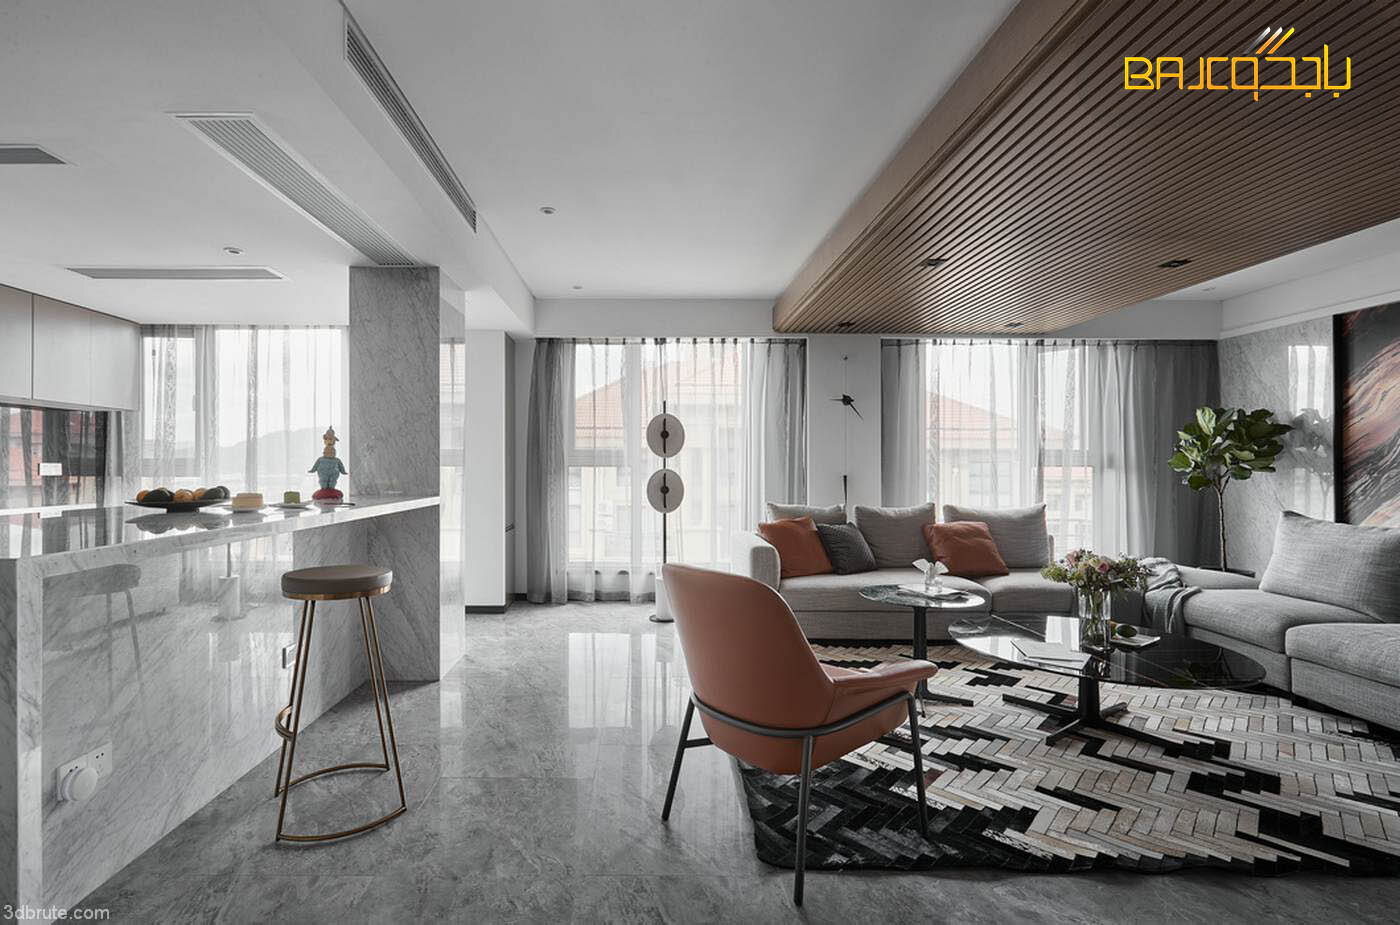 تصميم غرفة معيشة مع مطبخ امريكي